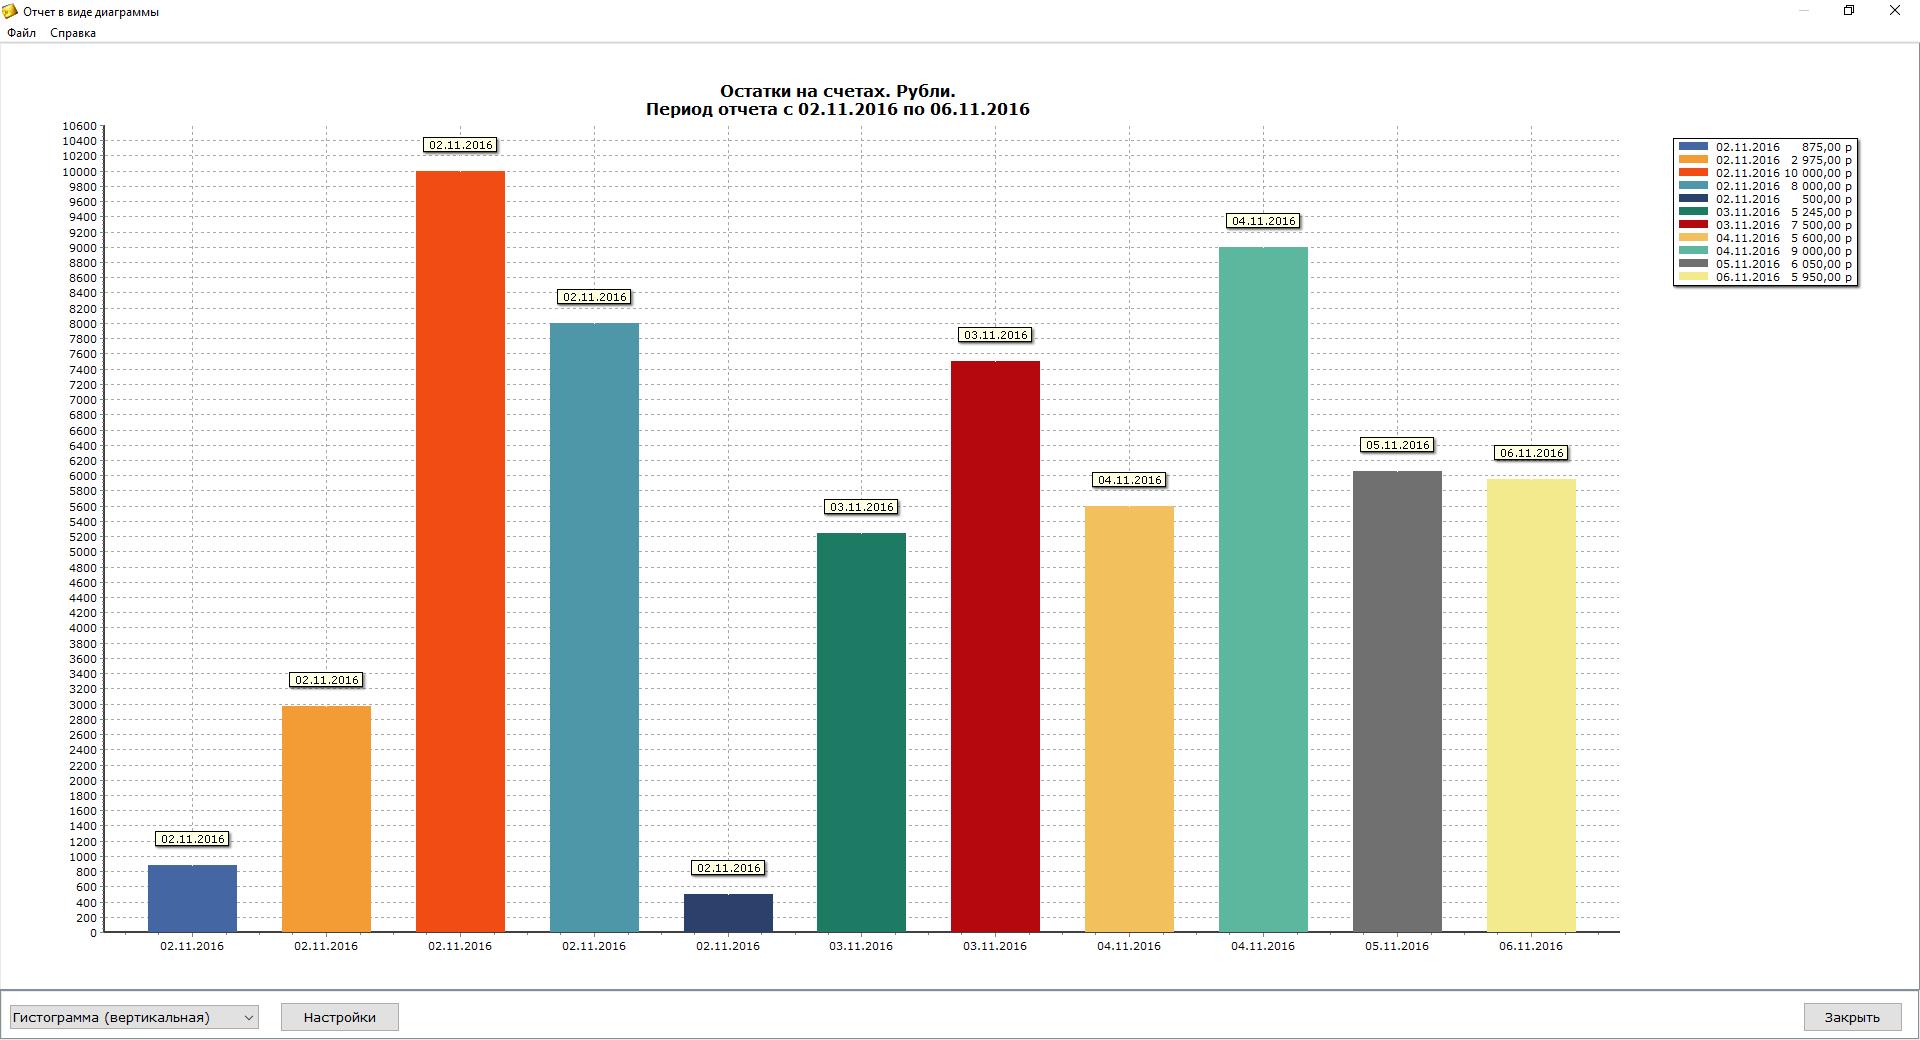 картинки отчетности в графиках очень интересна